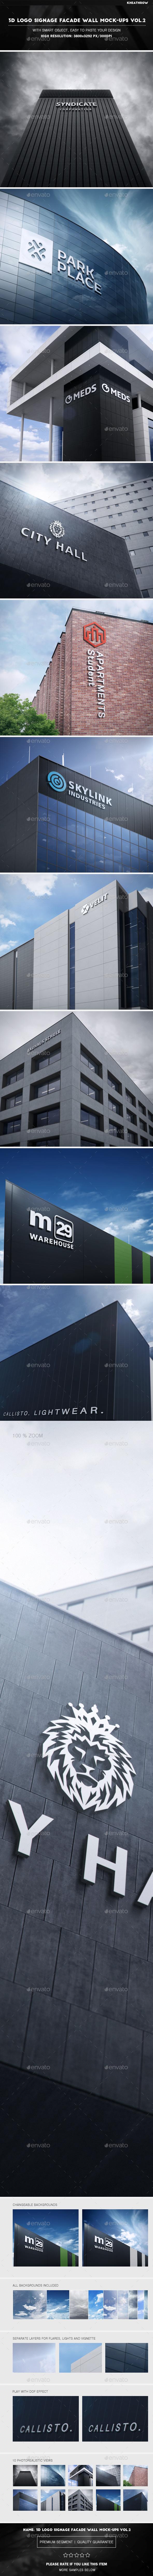 3D Logo Signage Facade Wall Mock-Ups Vol.2 - Logo Product Mock-Ups